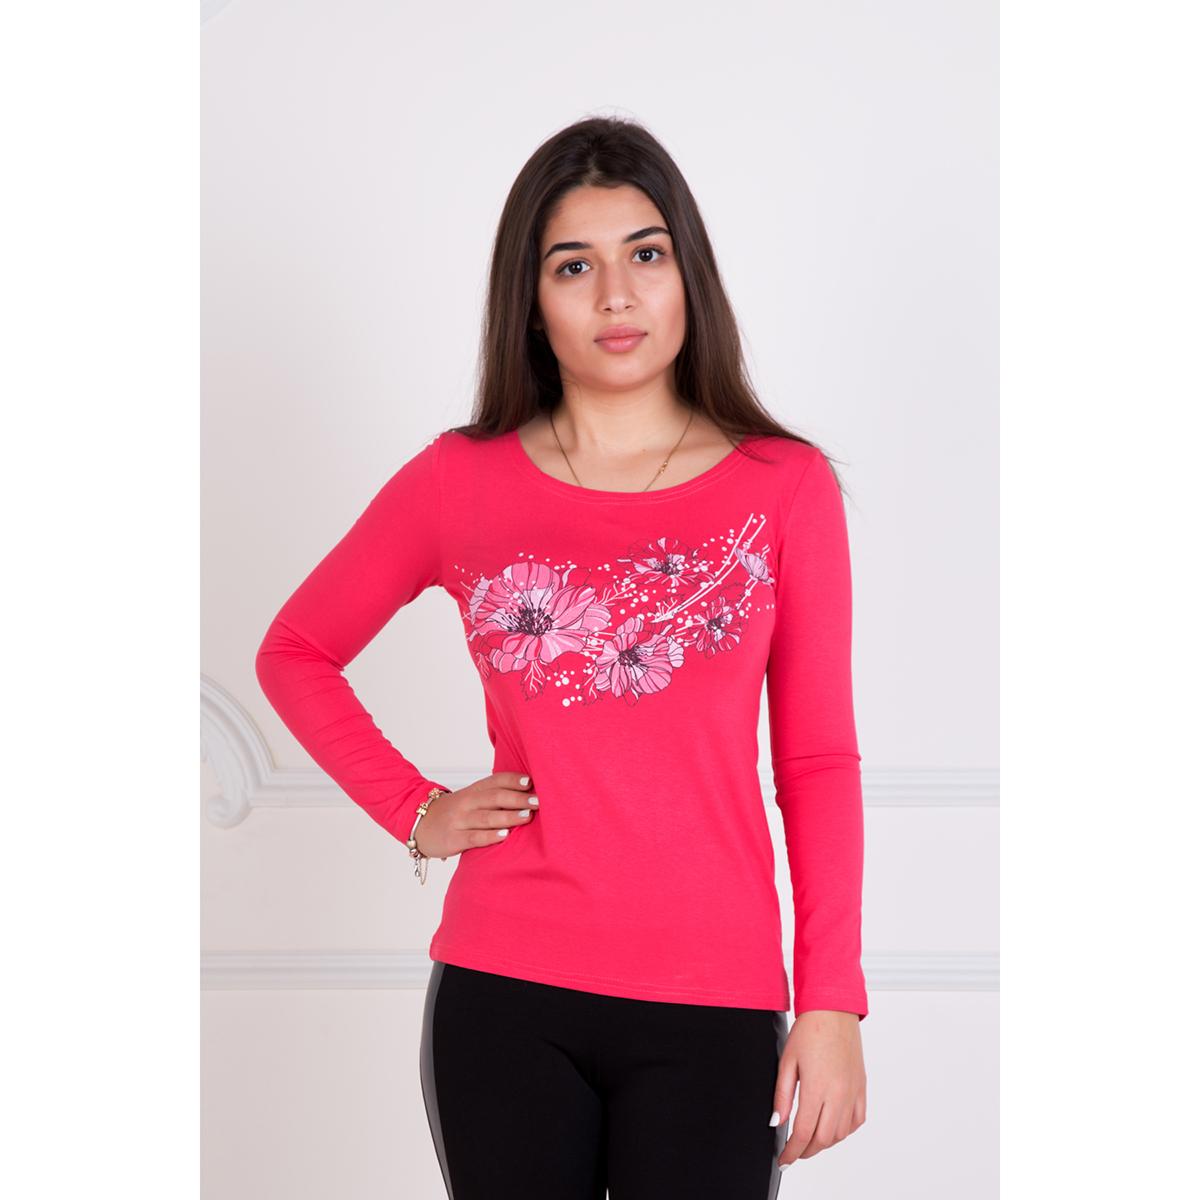 Женская блузка купить недорого интернет магазин